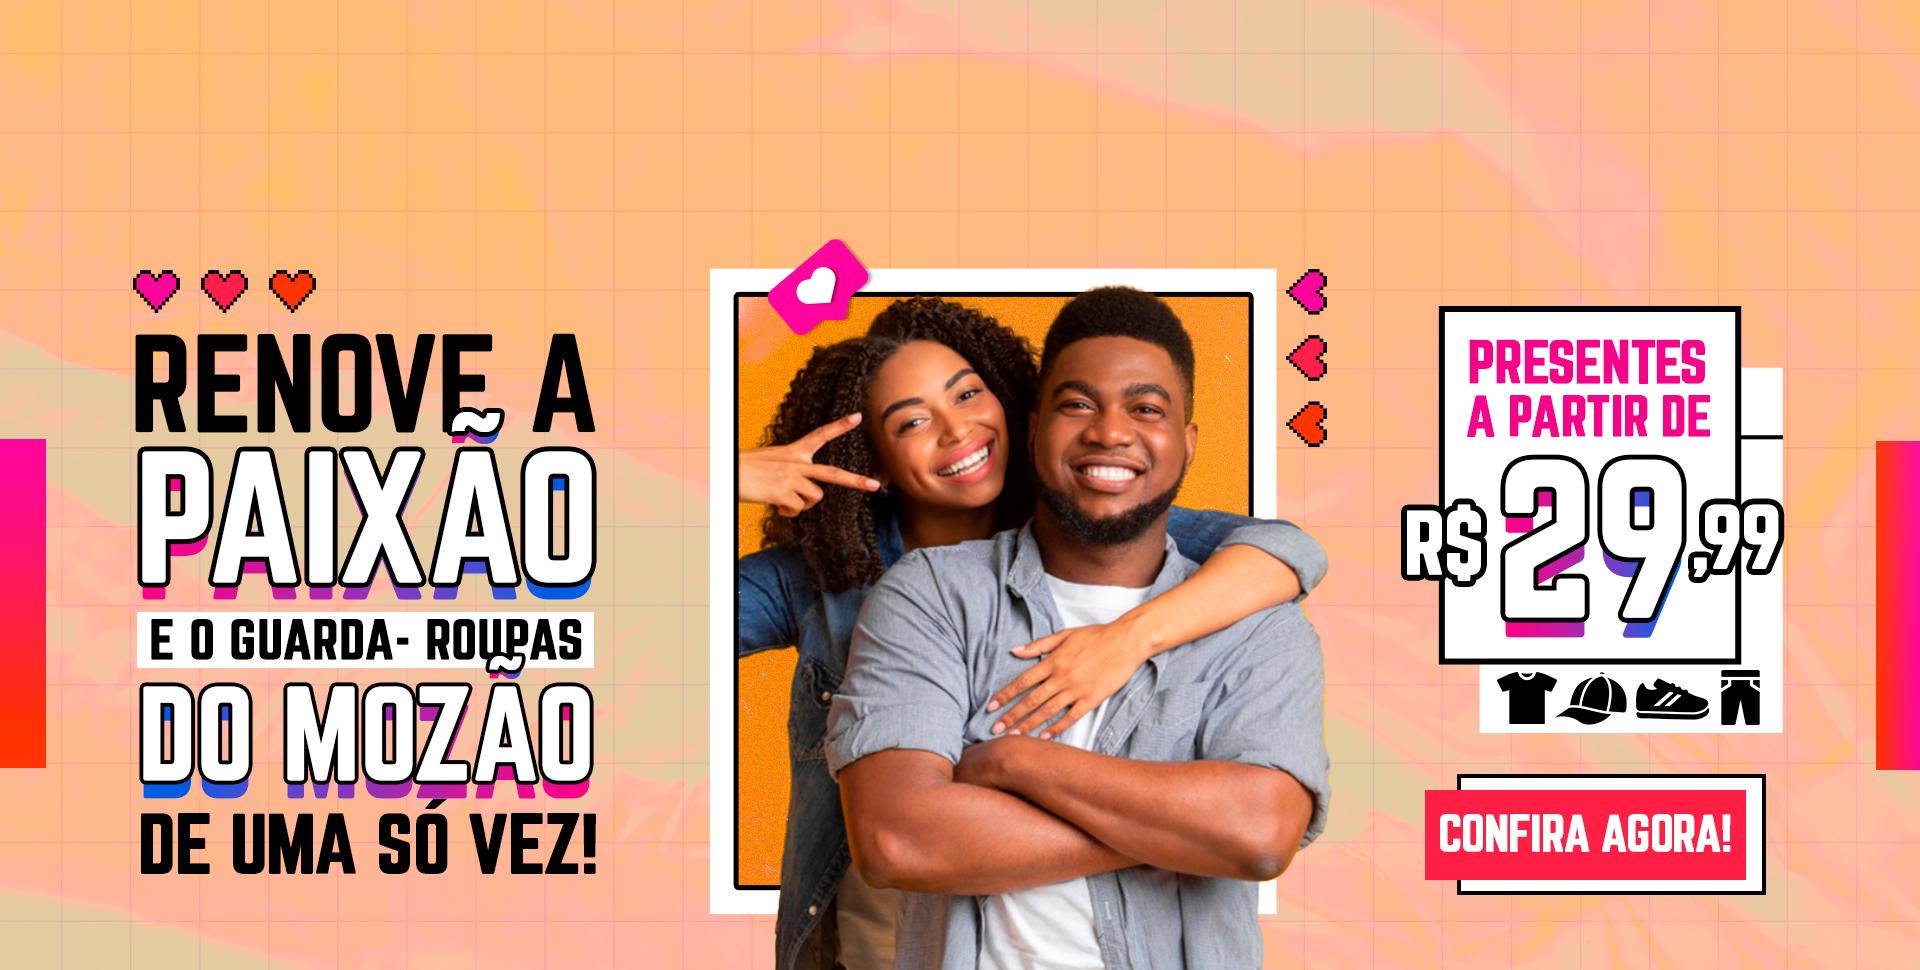 Dia dos Namorados | Presentes a partir de R$29,99